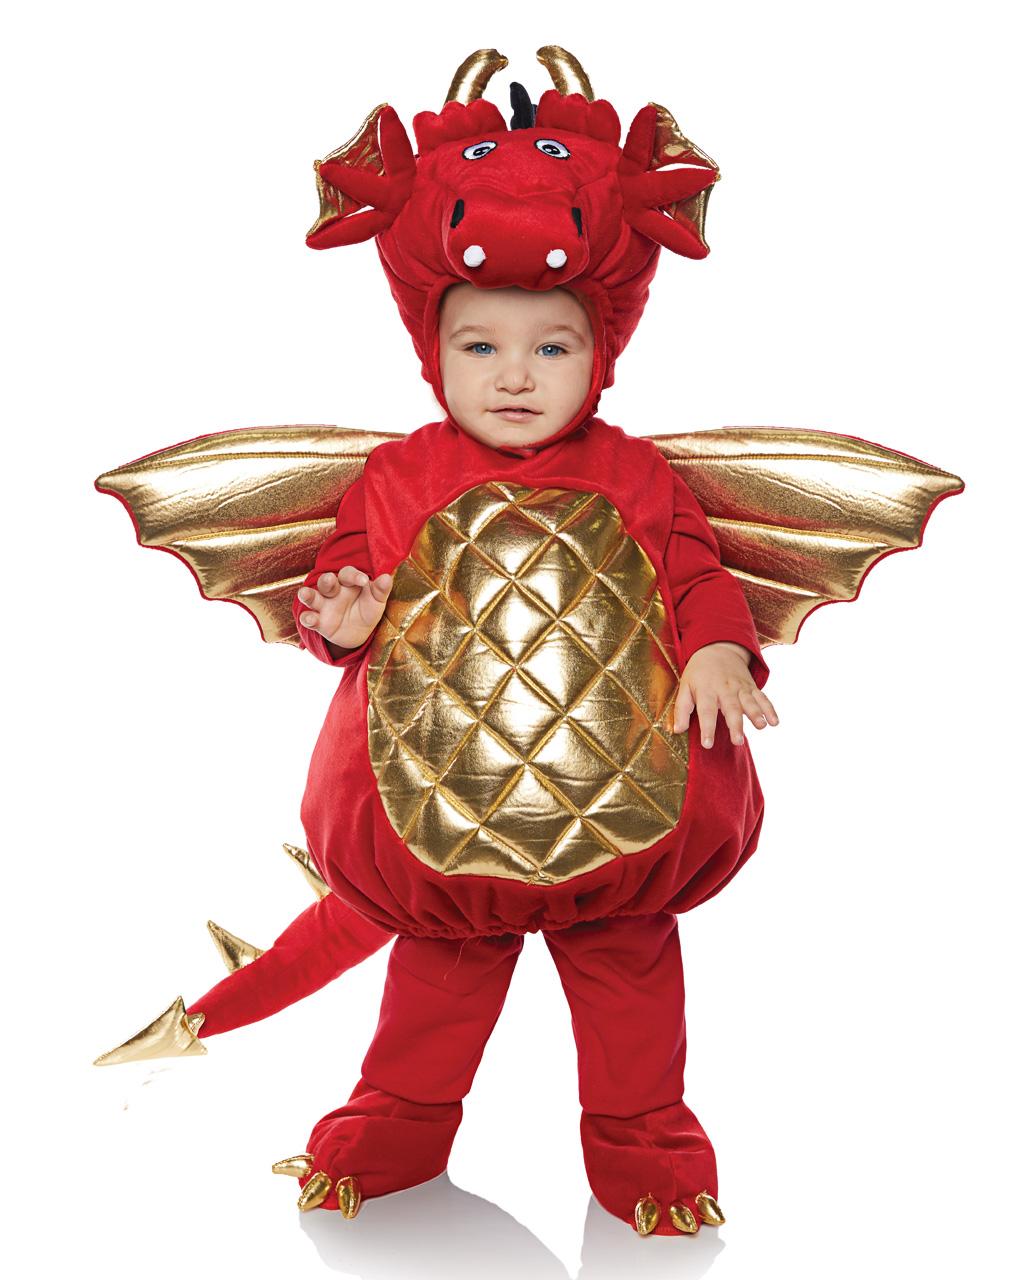 Drachen Kleinkinderkostum Rot Gold Kaufen Karneval Universe